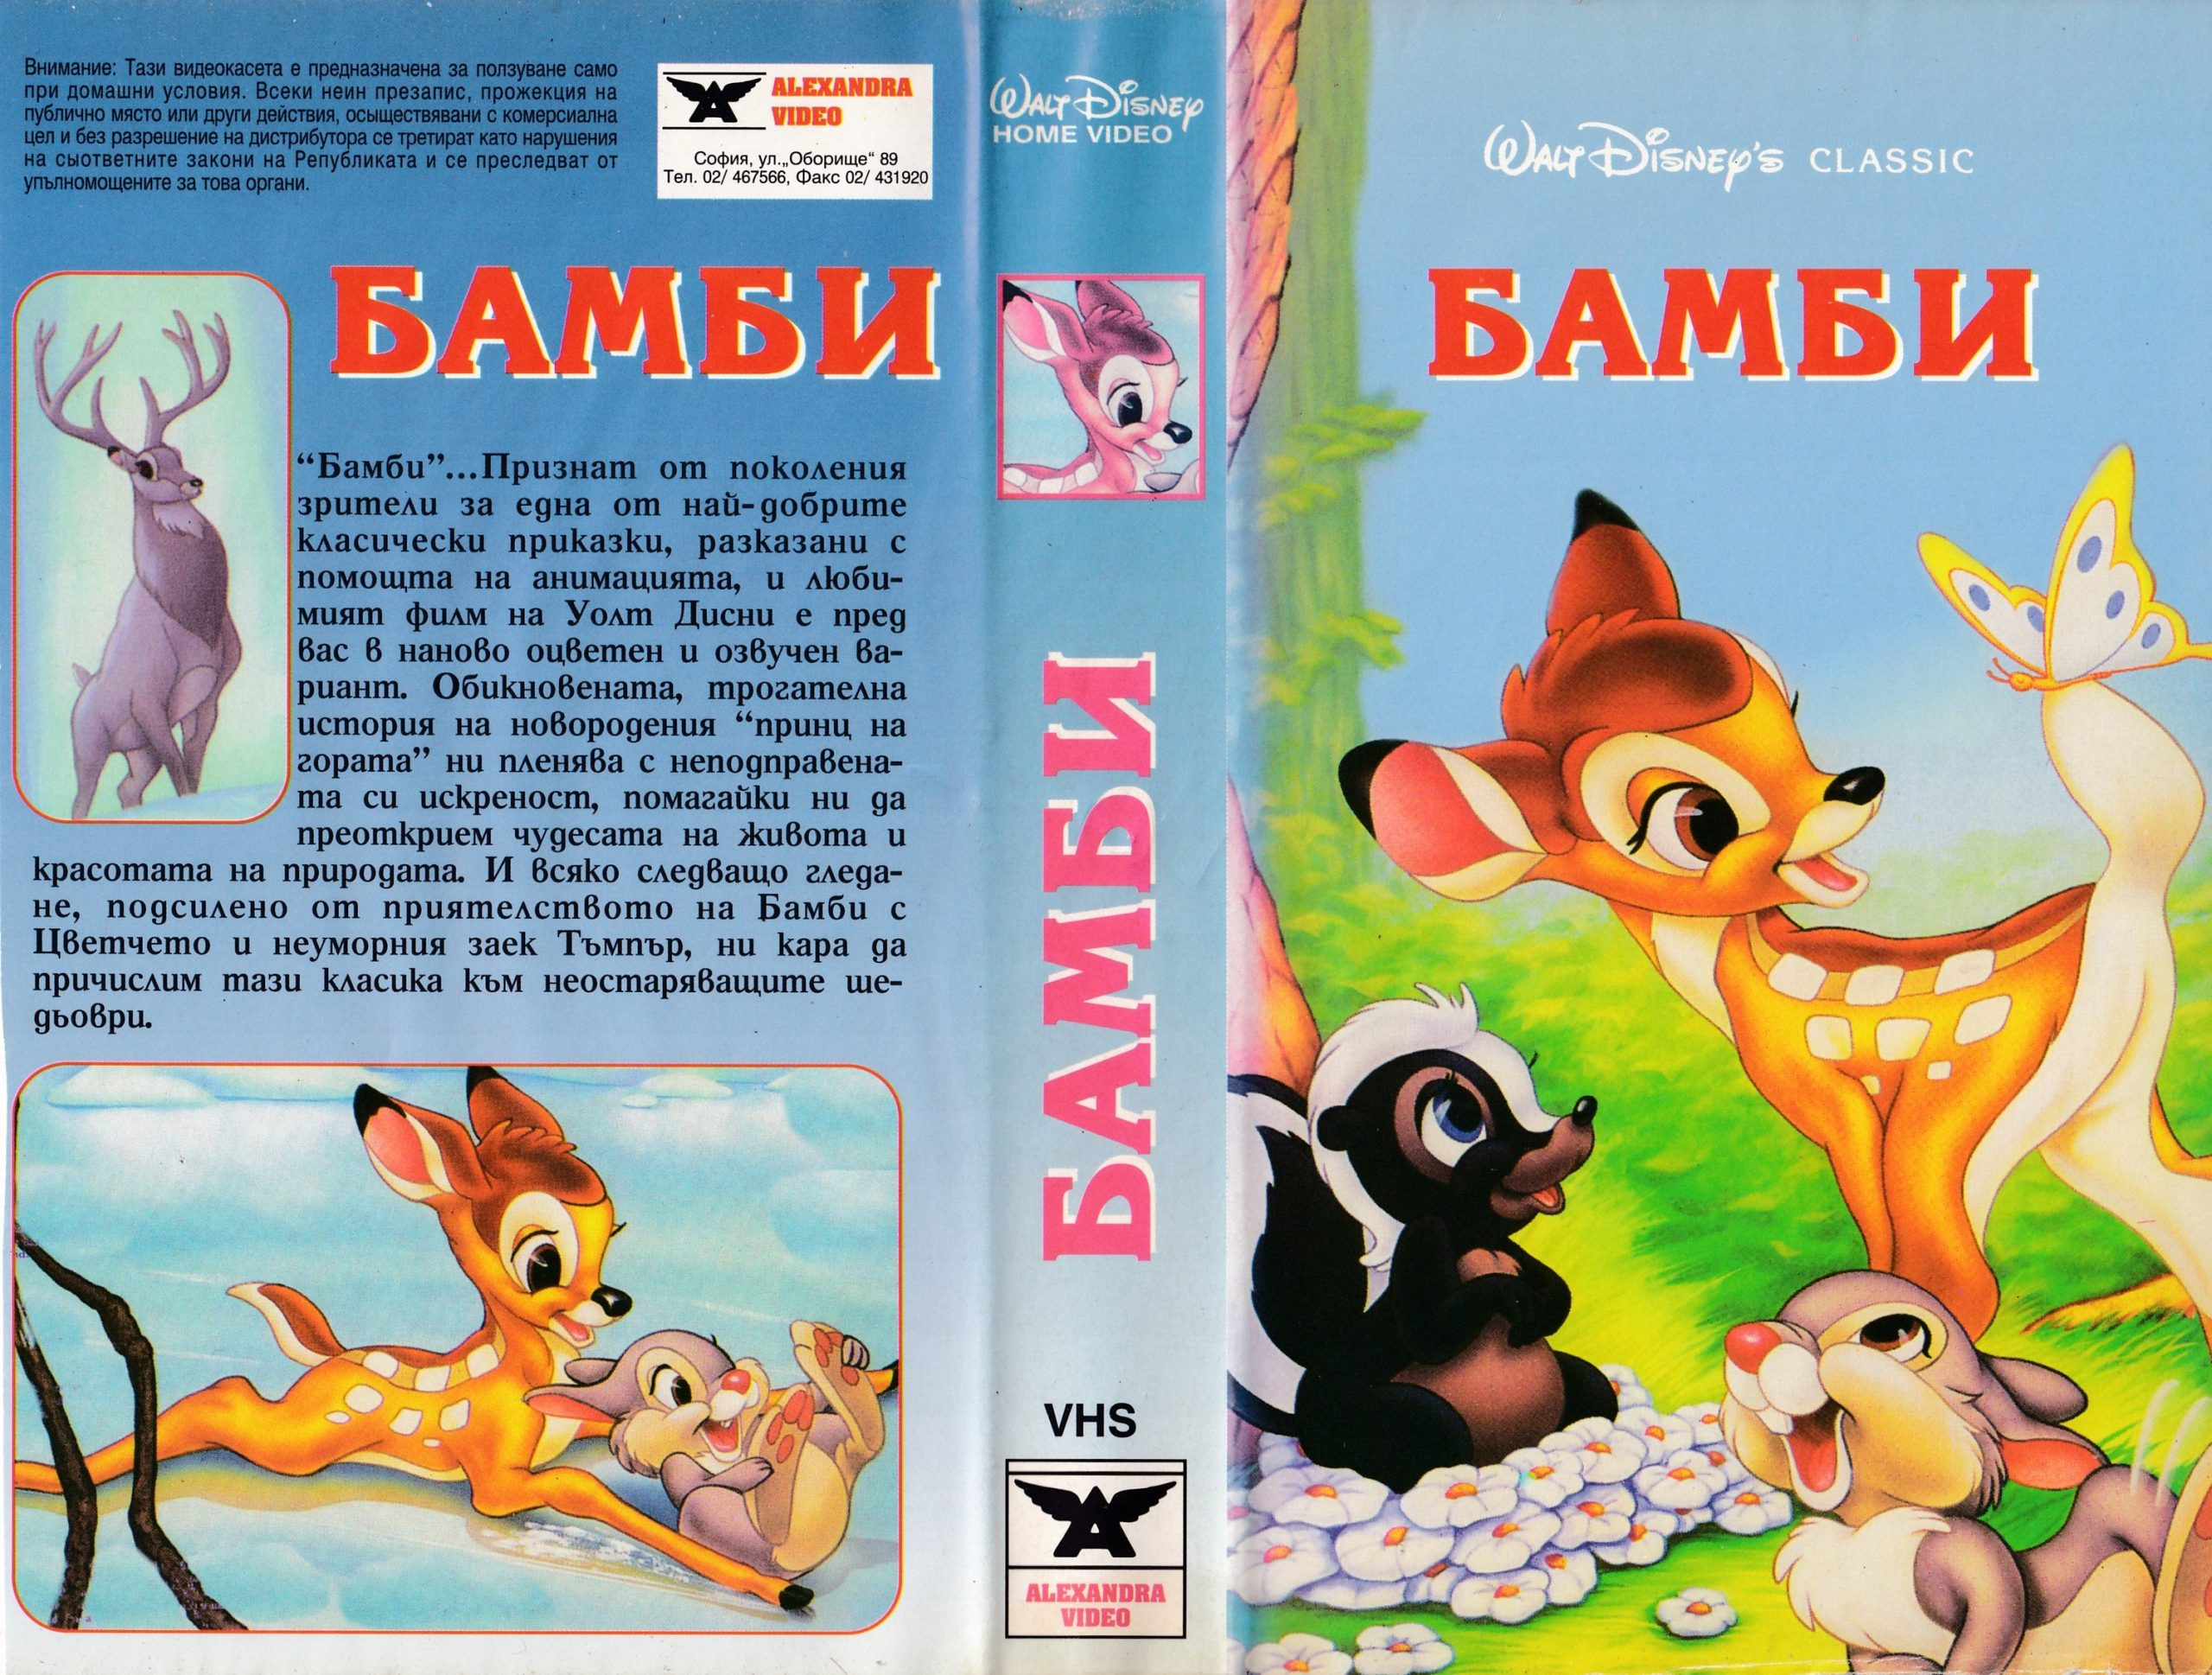 Бамби анимация